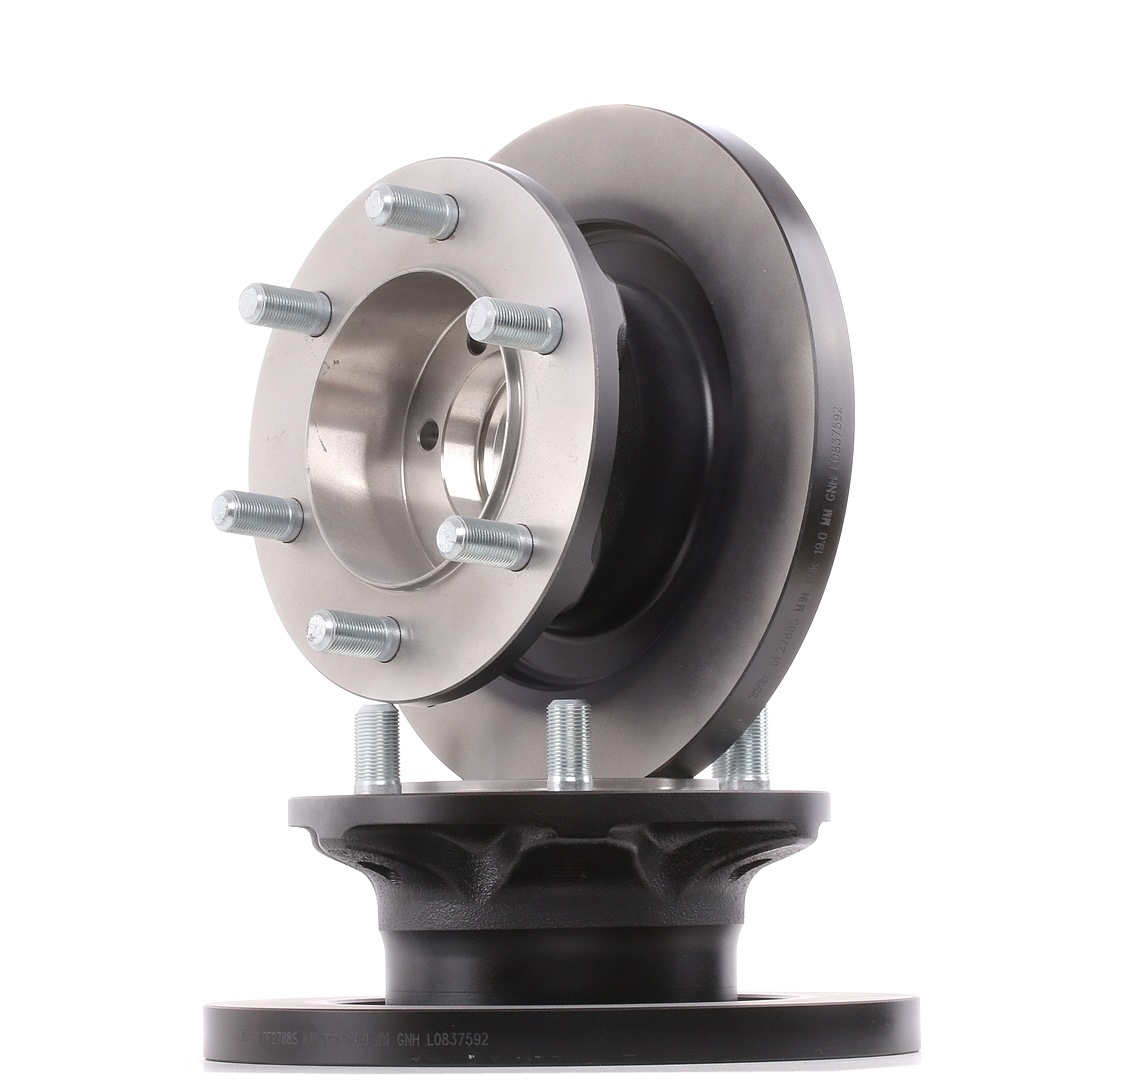 TRW: Original Bremsscheibe DF2788S (Ø: 290mm, Lochanzahl: 6, Bremsscheibendicke: 22mm)